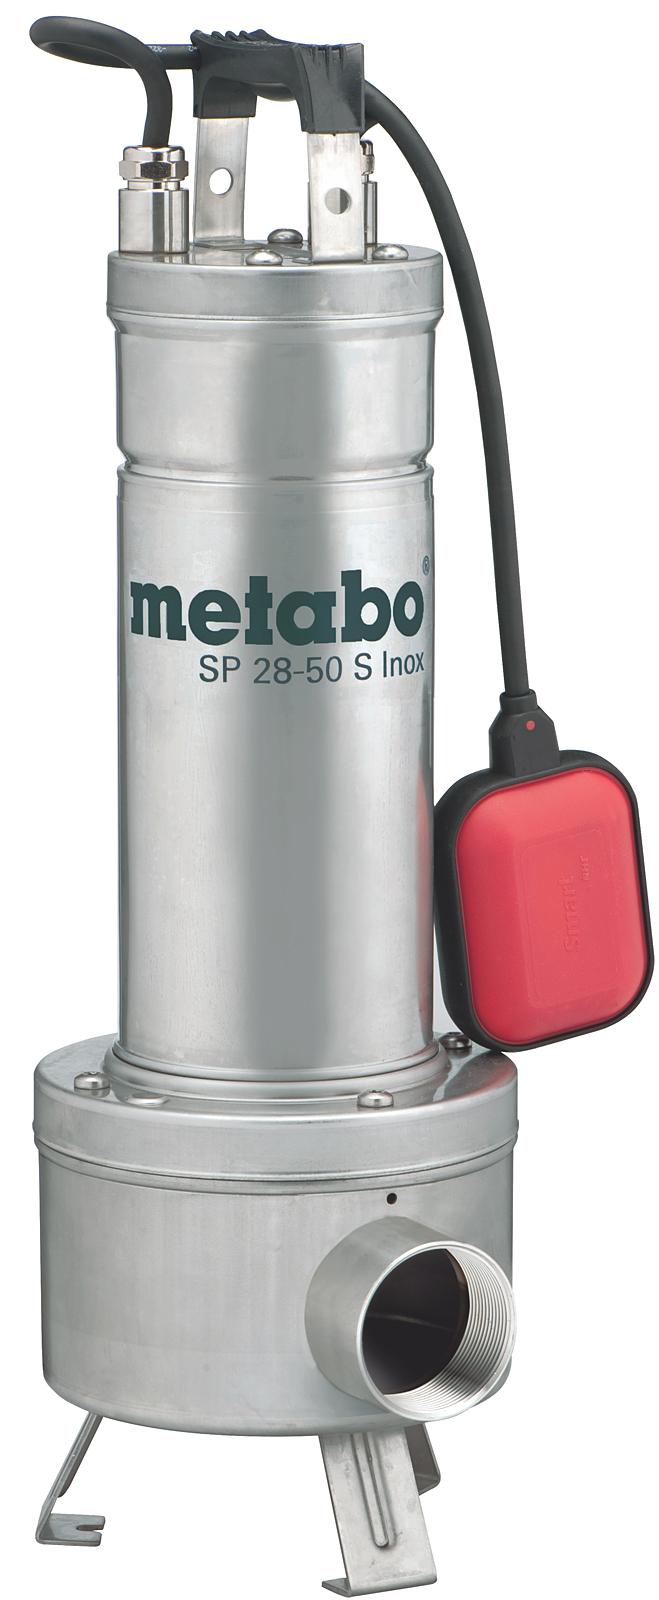 Купить Дренажный насос Metabo Sp 28-50 s inox (604114000), Германия